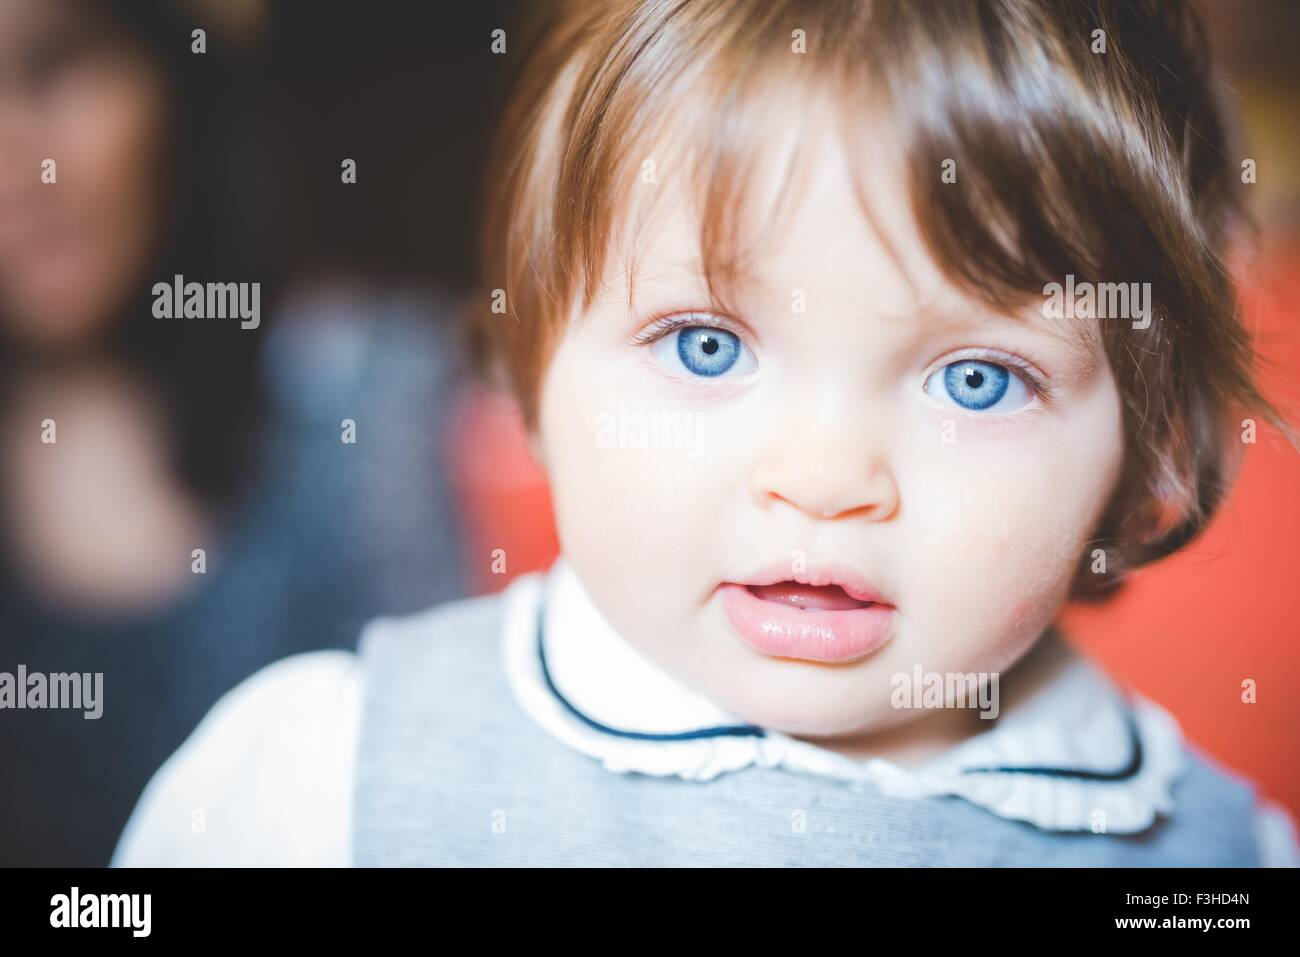 Porträt von weiblichen Kleinkind mit blauen Augen hautnah Stockfoto